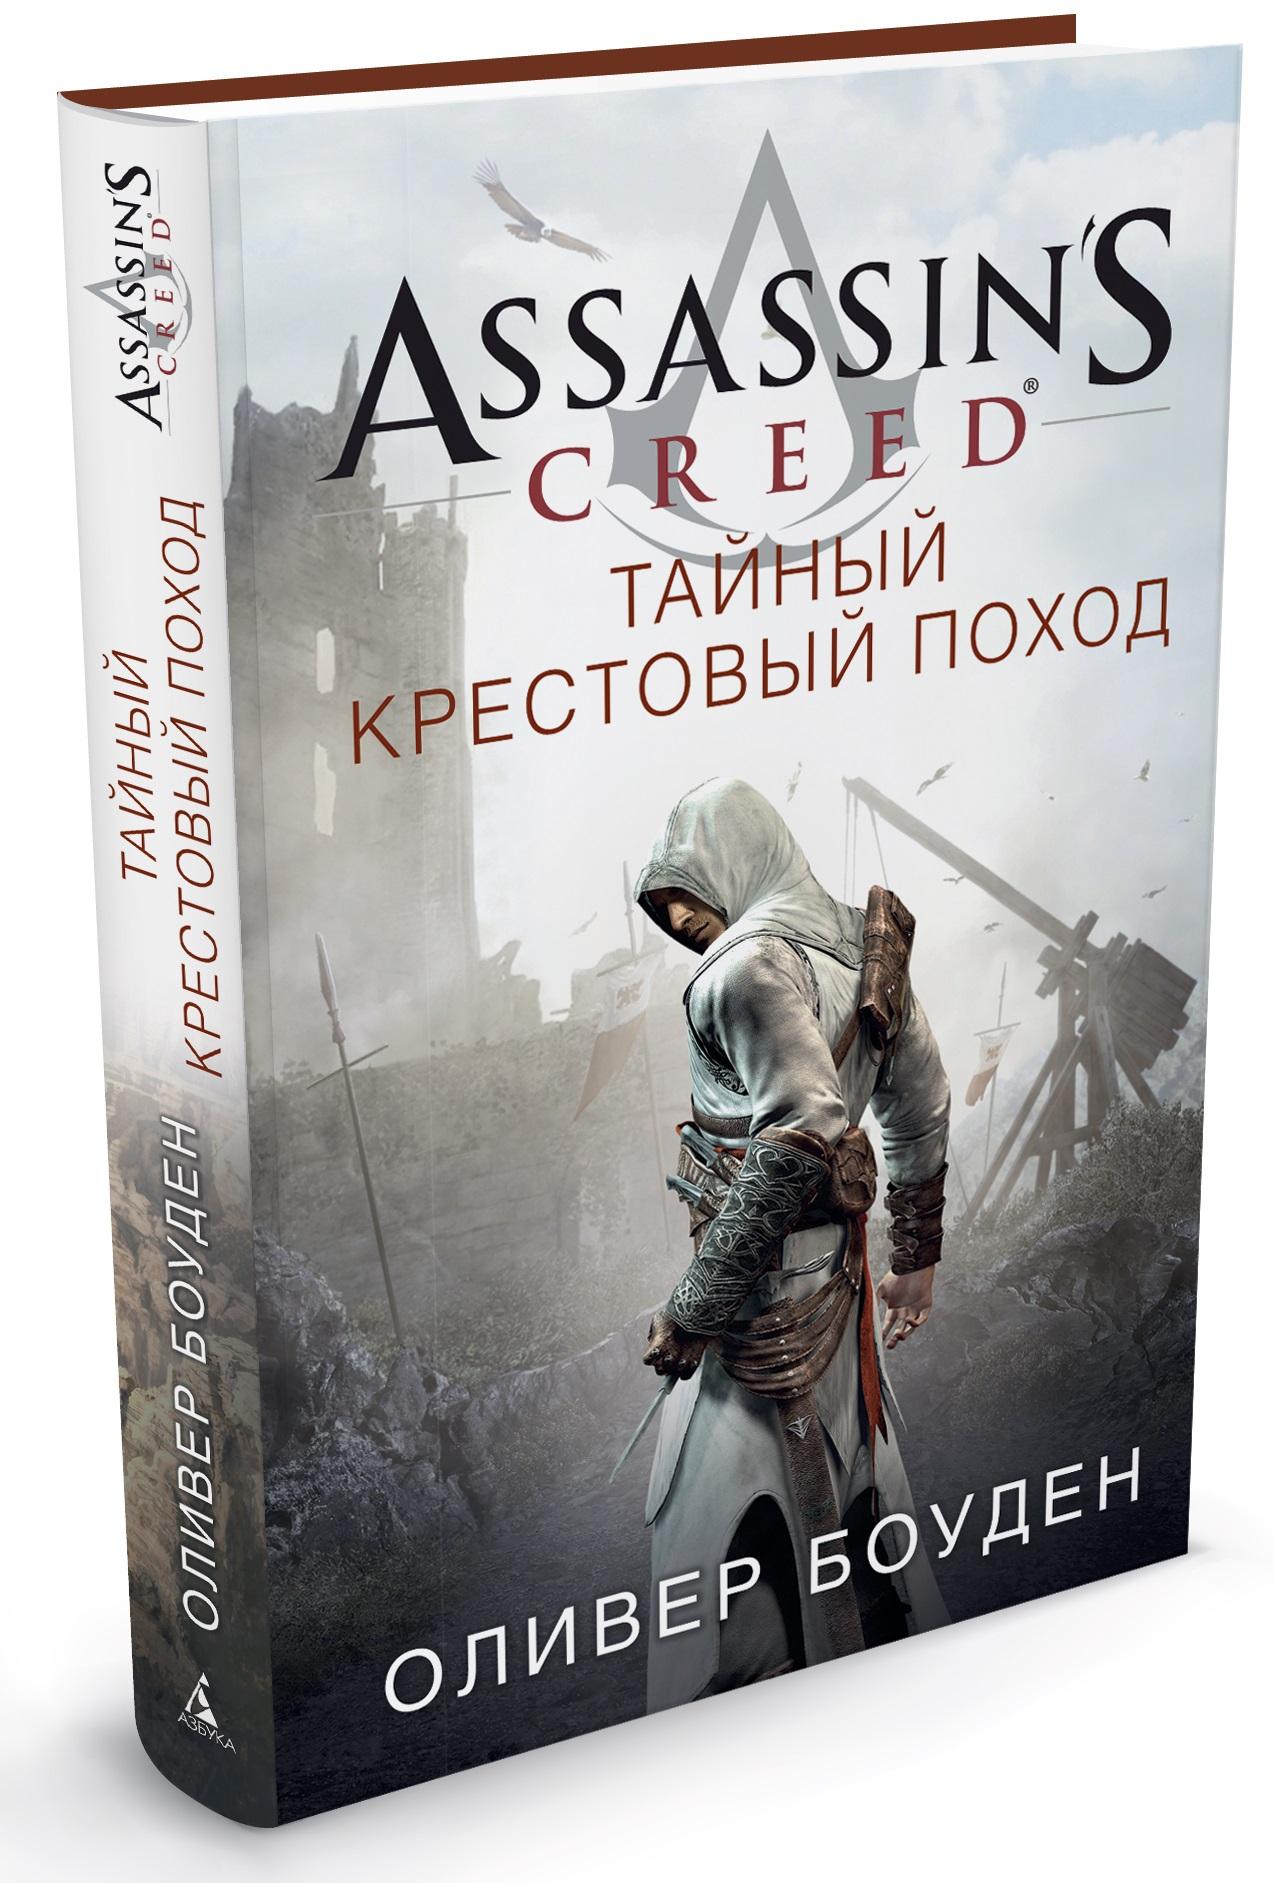 Оливер Боуден Assassin's Creed: Тайный крестовый поход франкопан питер первый крестовый поход зов с востока